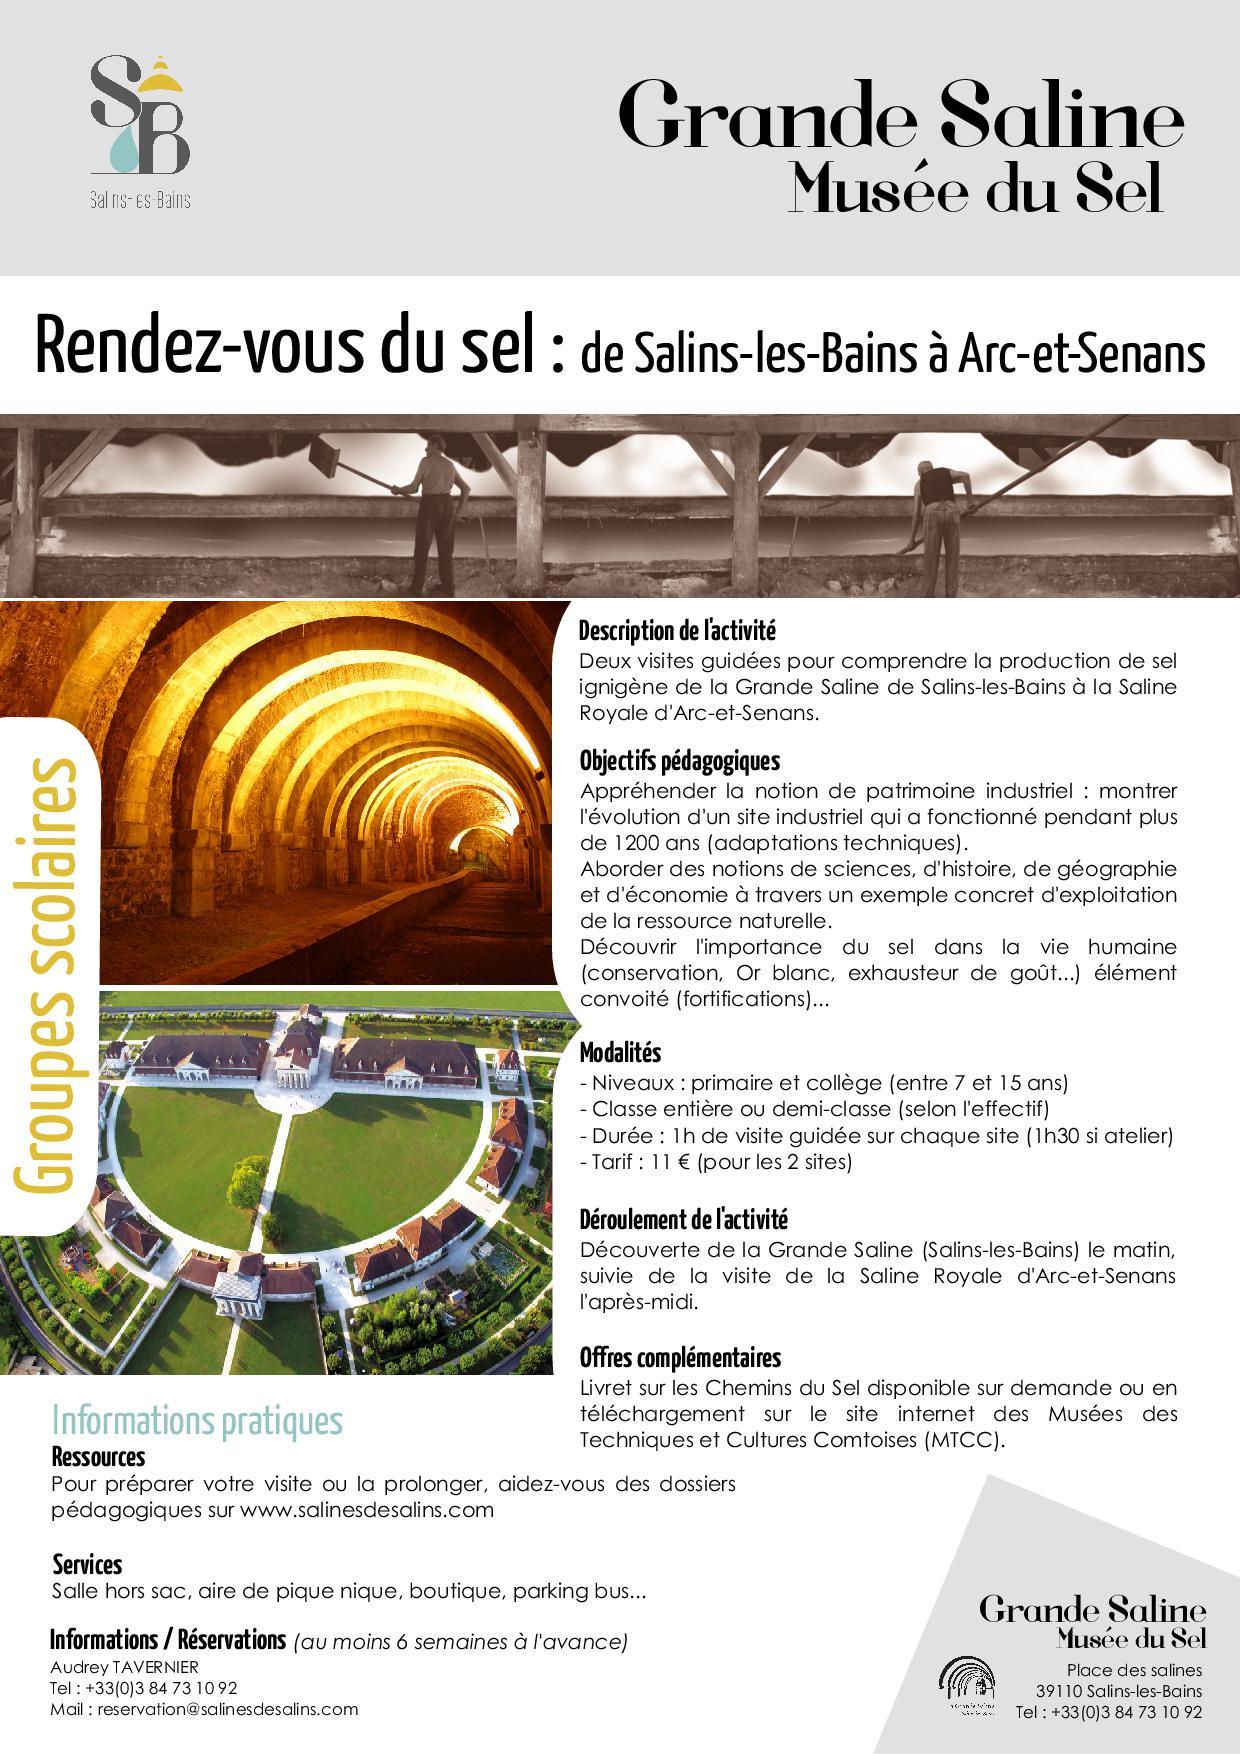 Rendez-vous du sel : de Salins-les-Bains à Arc-et-Senans